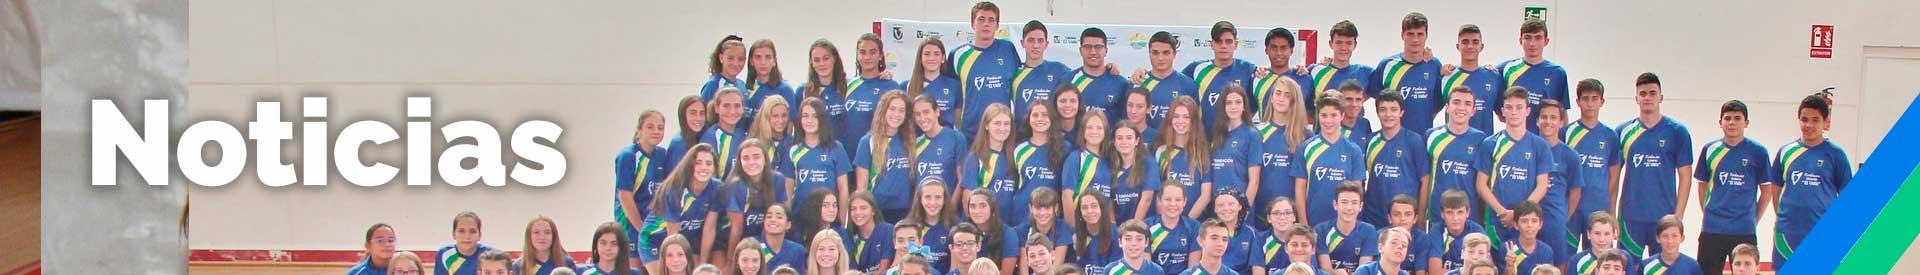 banner noticias Club Deportivo El Valle